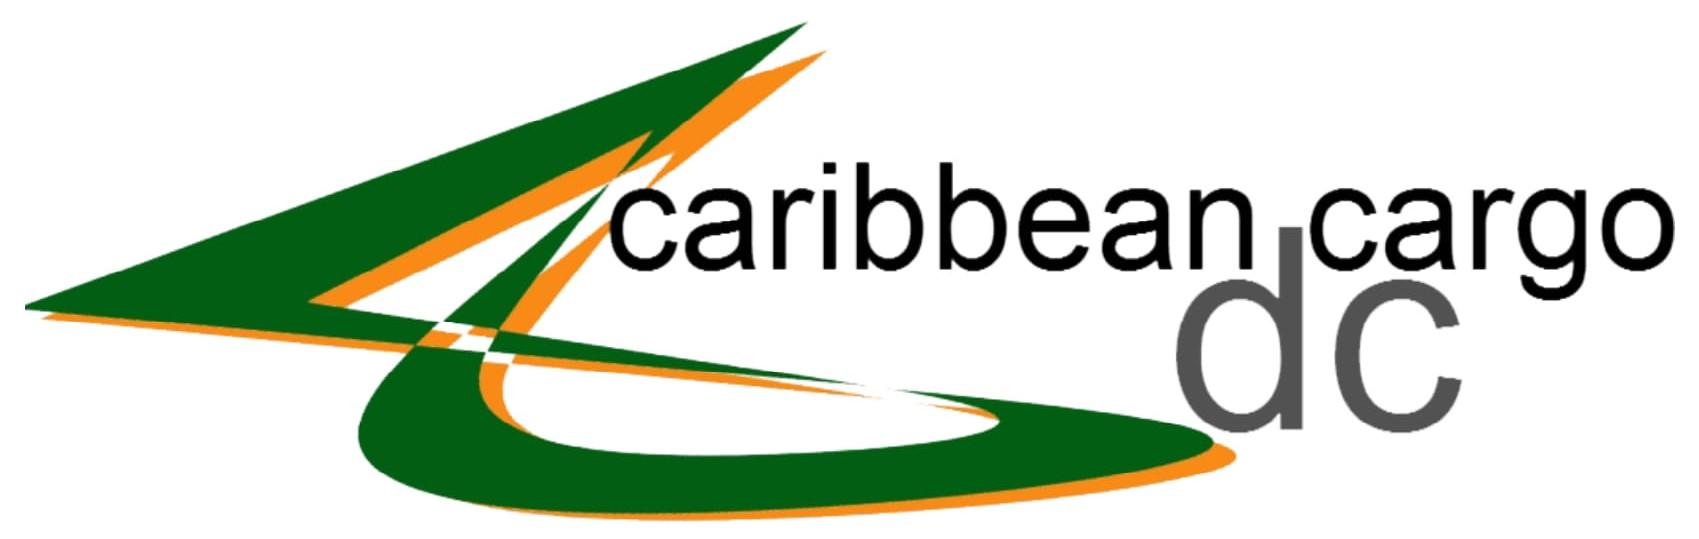 www.CaribbeanCargoDC.com